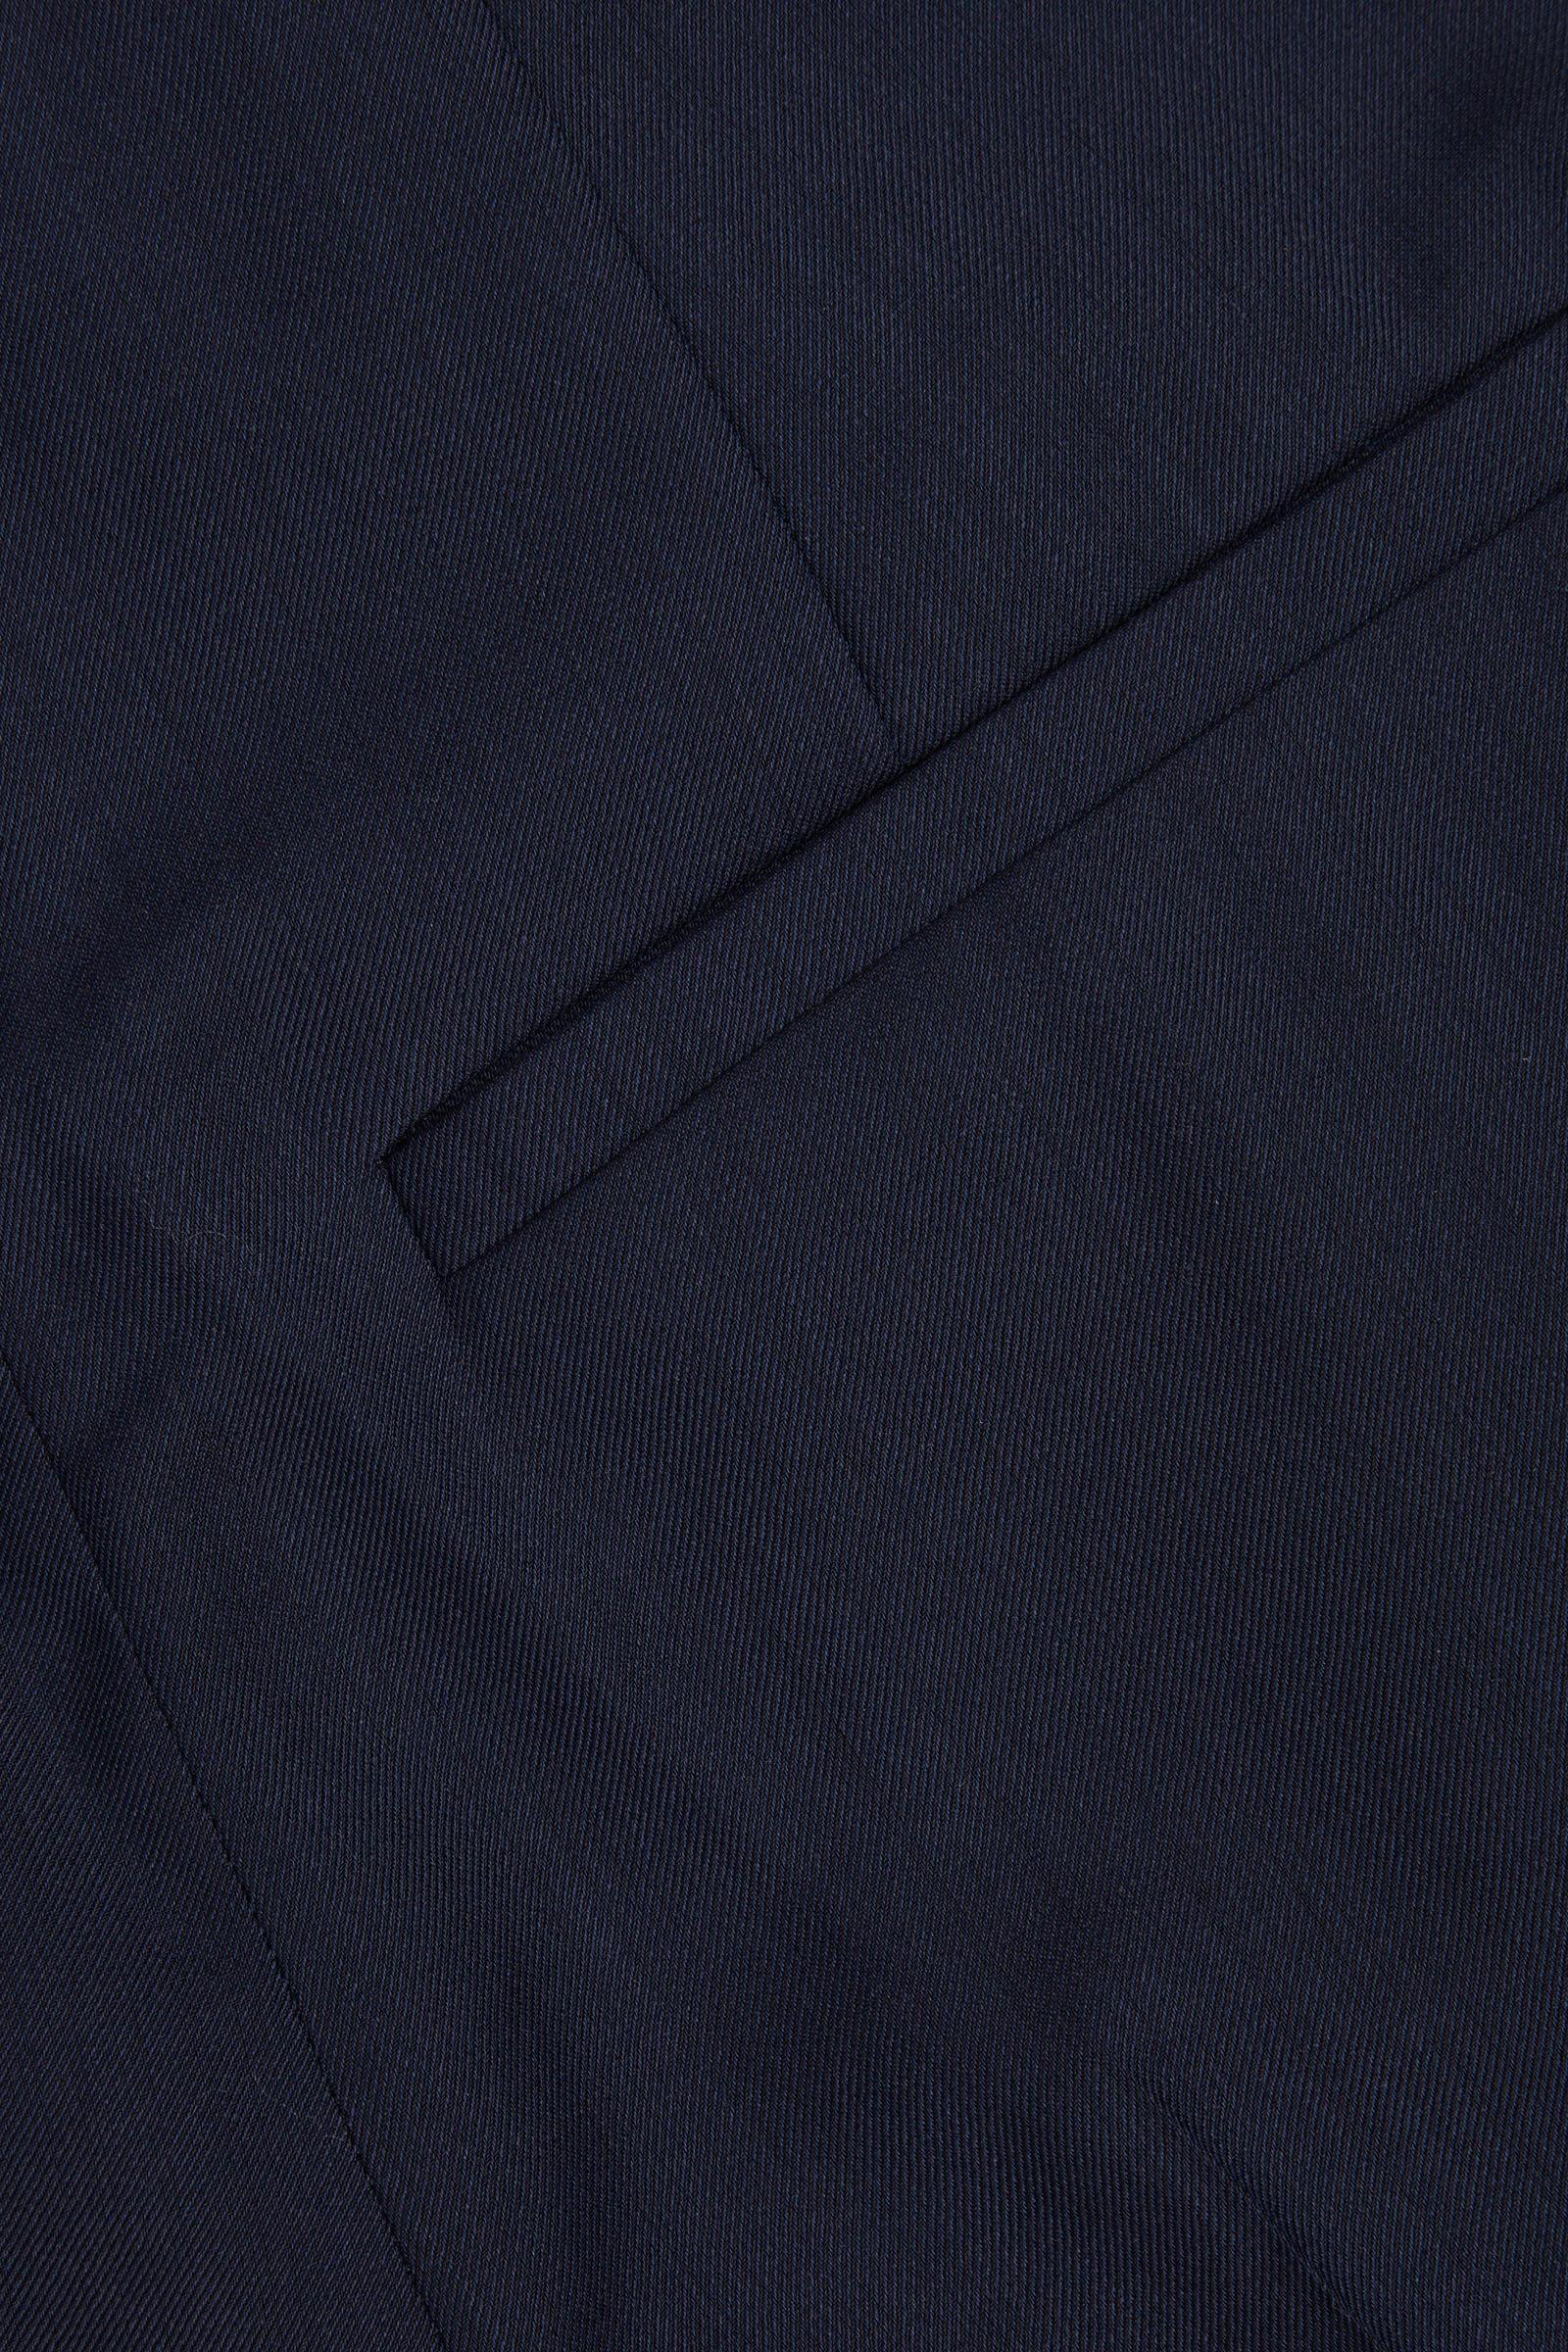 COS 테일러드 울 믹스 쇼츠의 네이비컬러 Detail입니다.